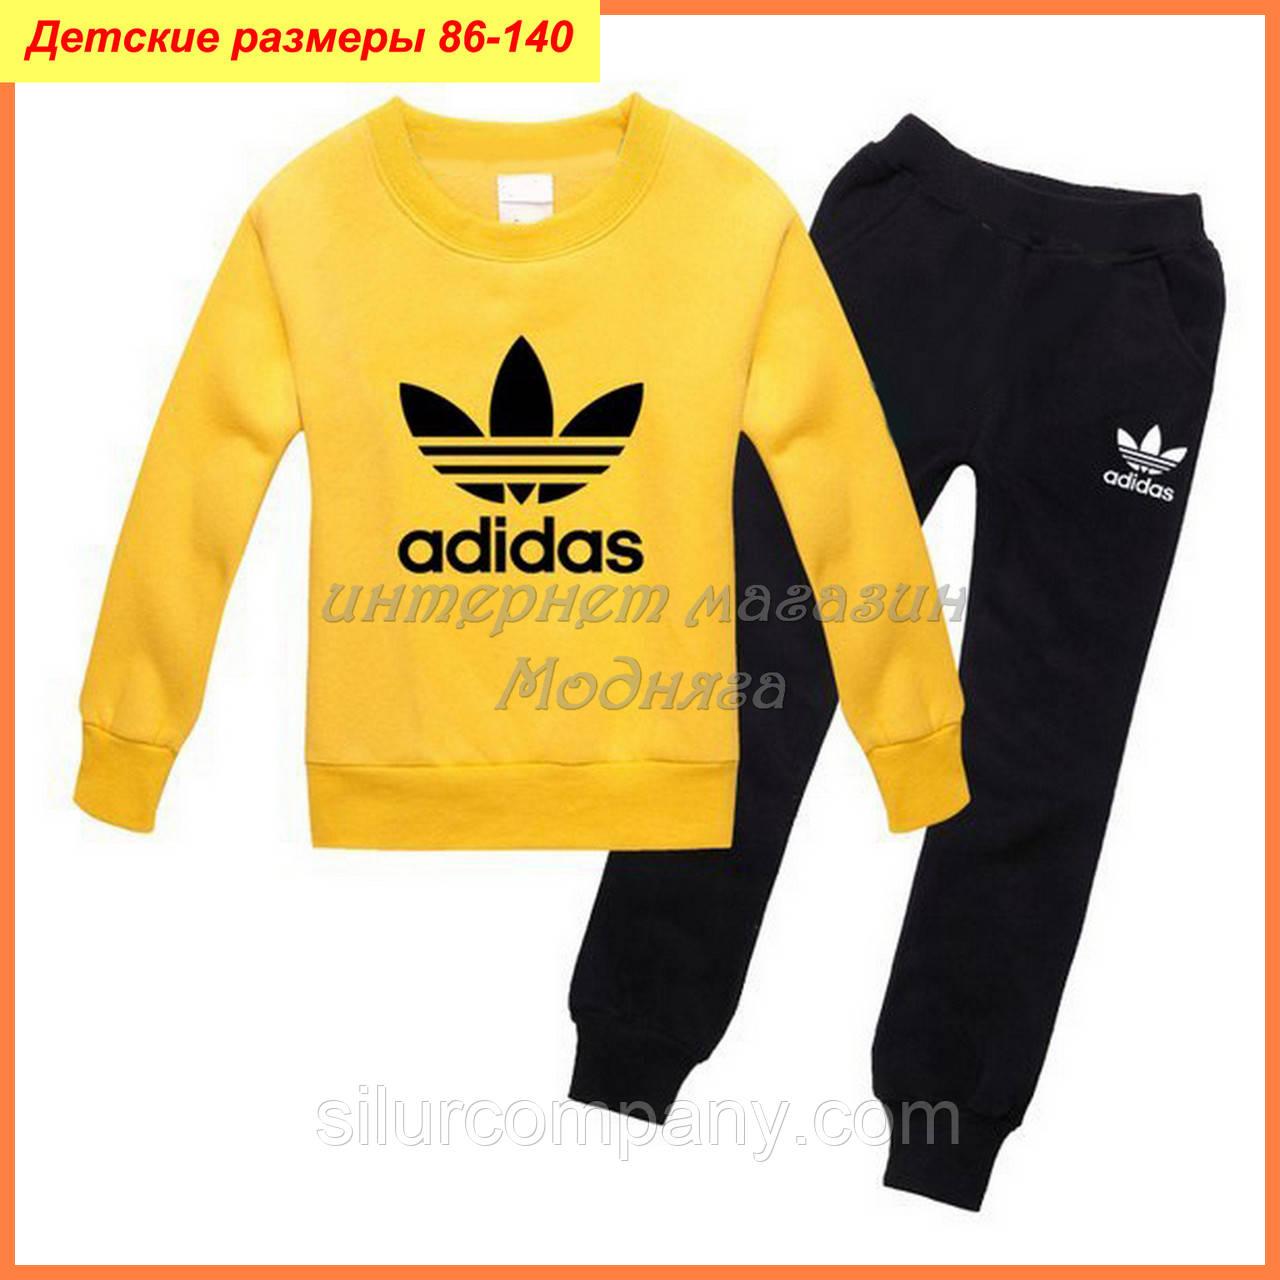 690fccdd Детская спортивная одежда| Недорого спортивные костюмы - Интернет магазин